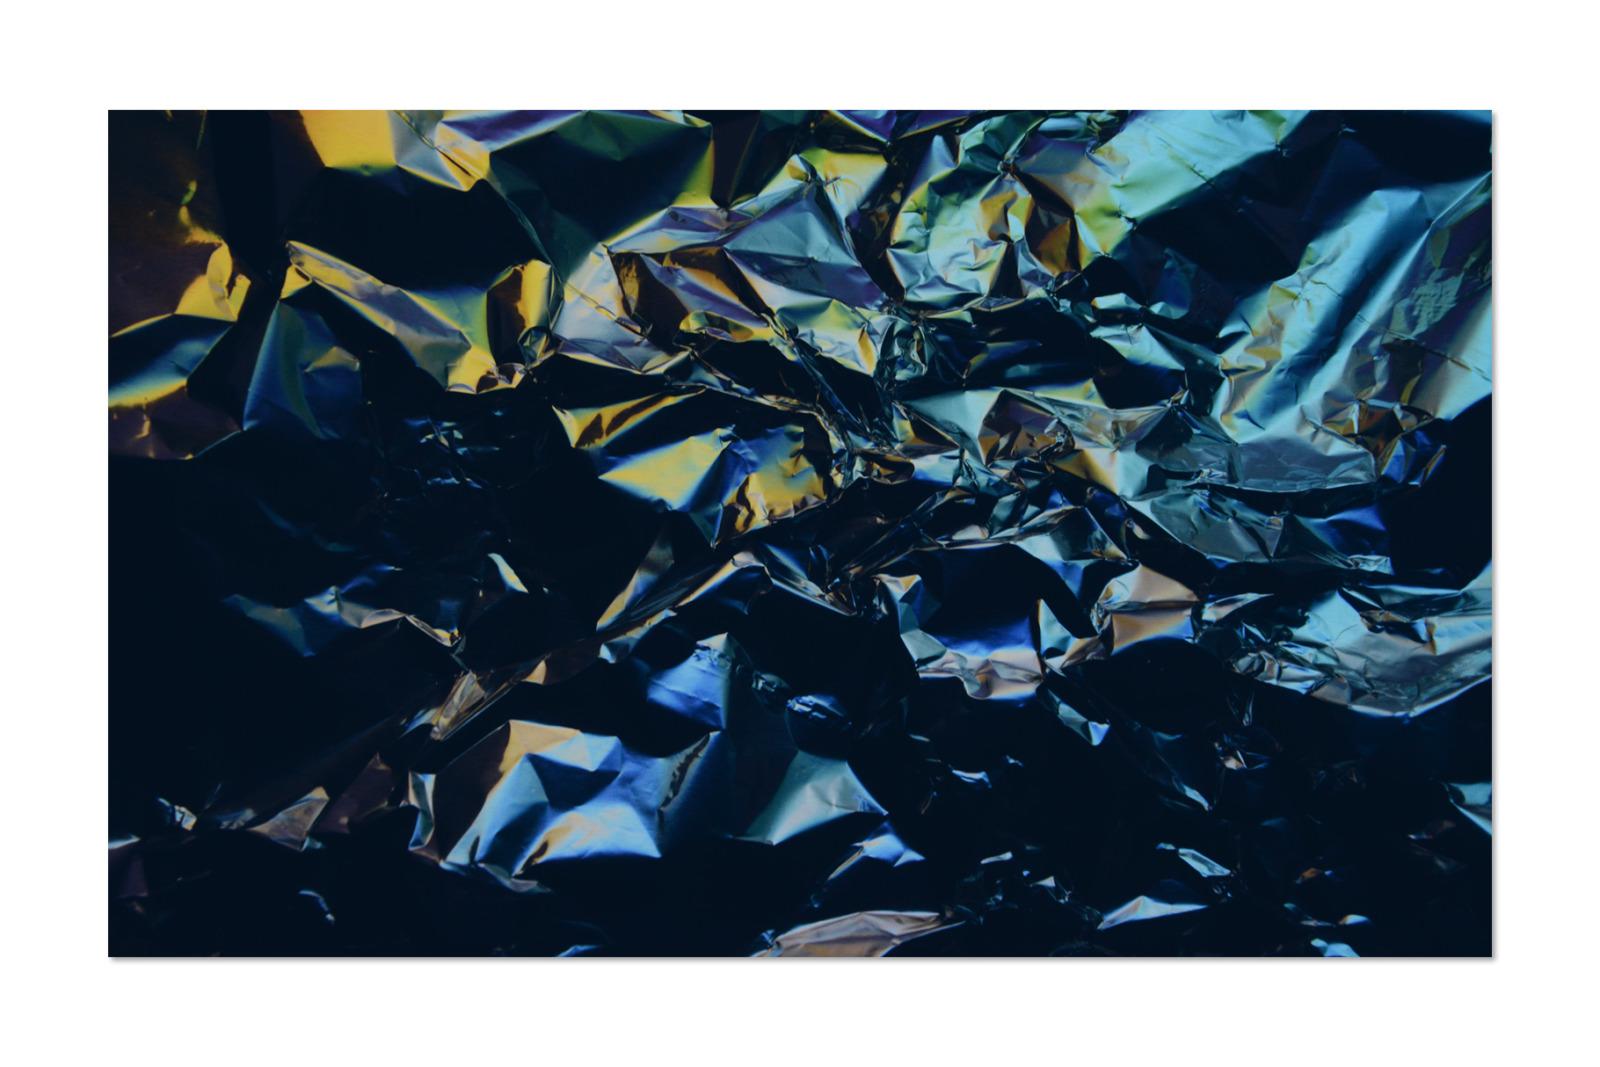 [淘宝购买] 80款潮流全息渐变虹彩金属箔纸纹理海报设计背景图片素材 Crumbled – 80 Foil Textures插图18